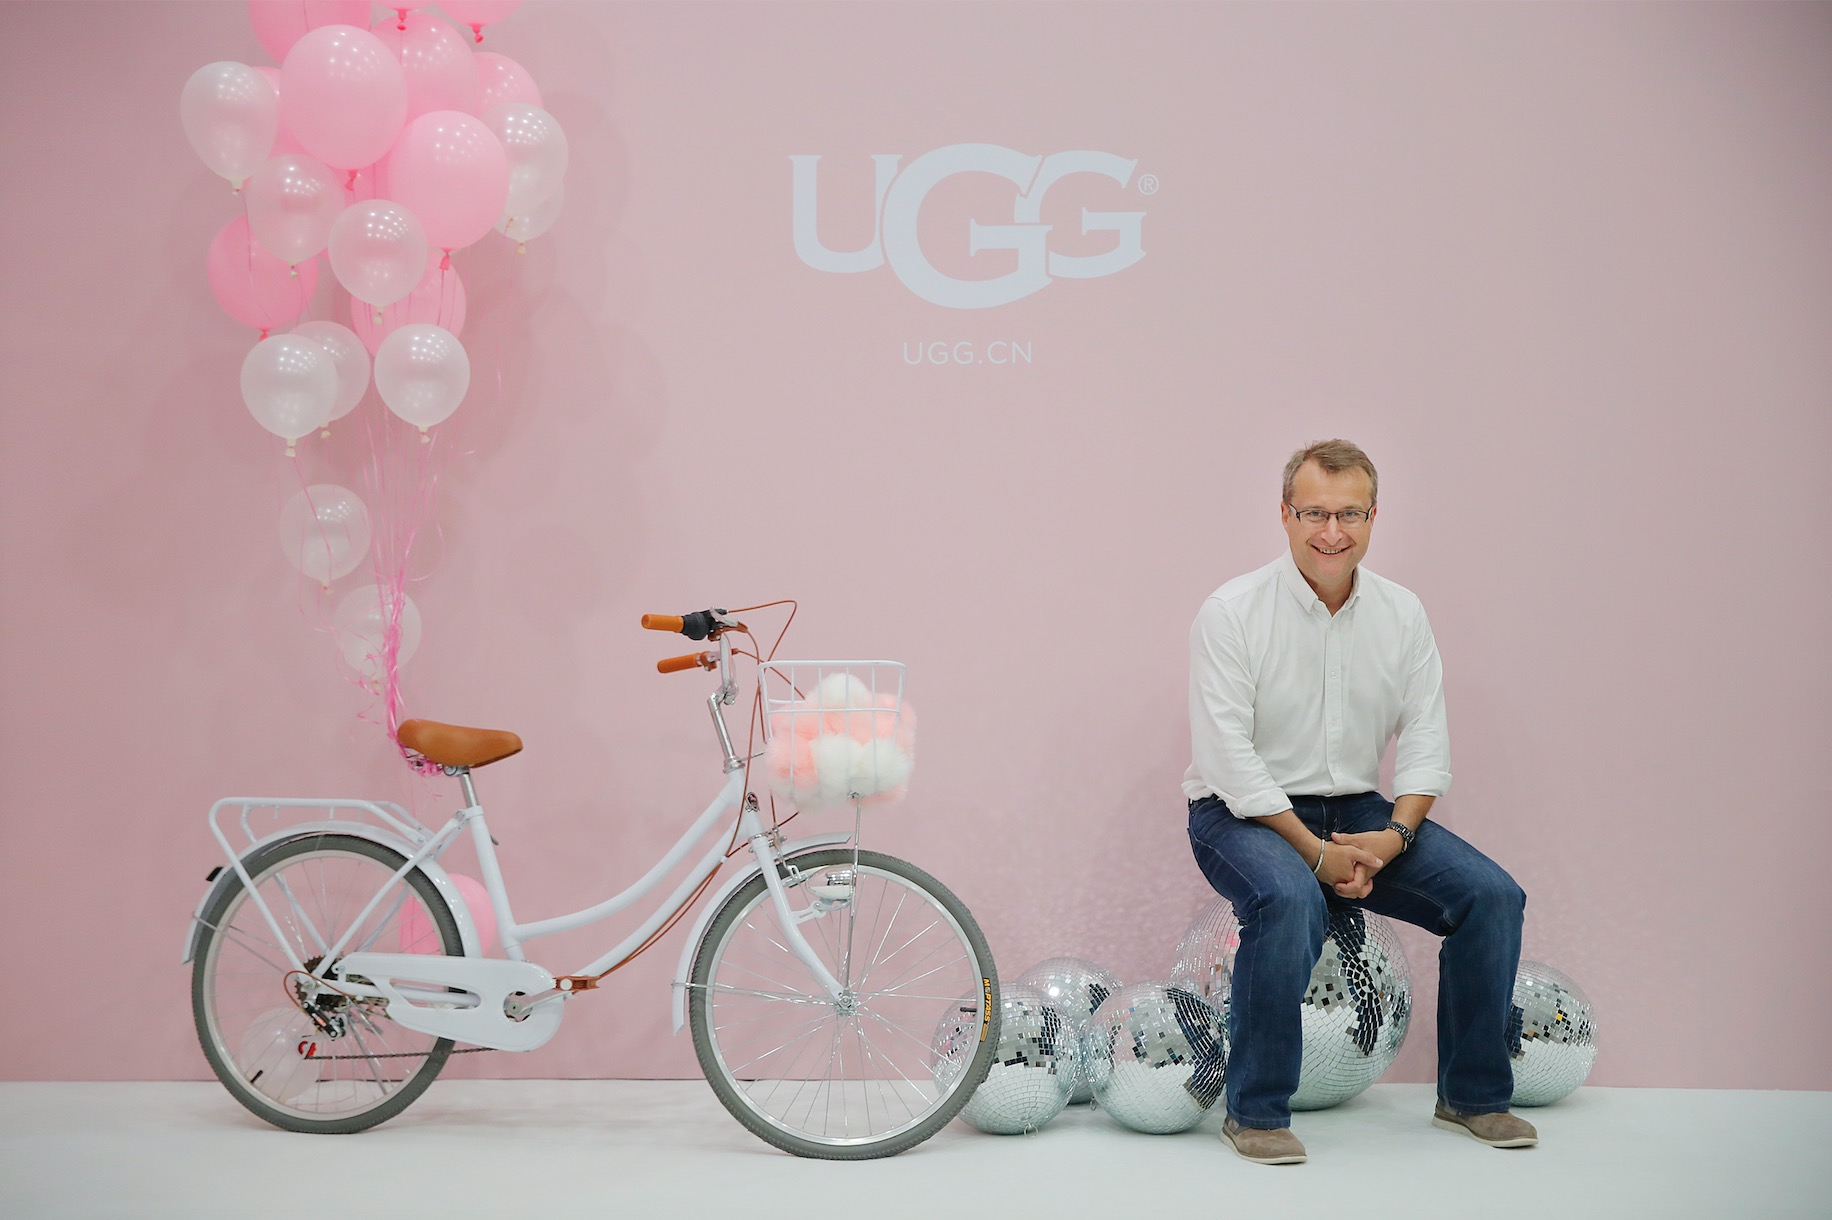 爆红以后的 UGG:如何从雪地靴的代名词转型为一家生活方式品牌《华丽志》独家专访UGG母公司副总裁